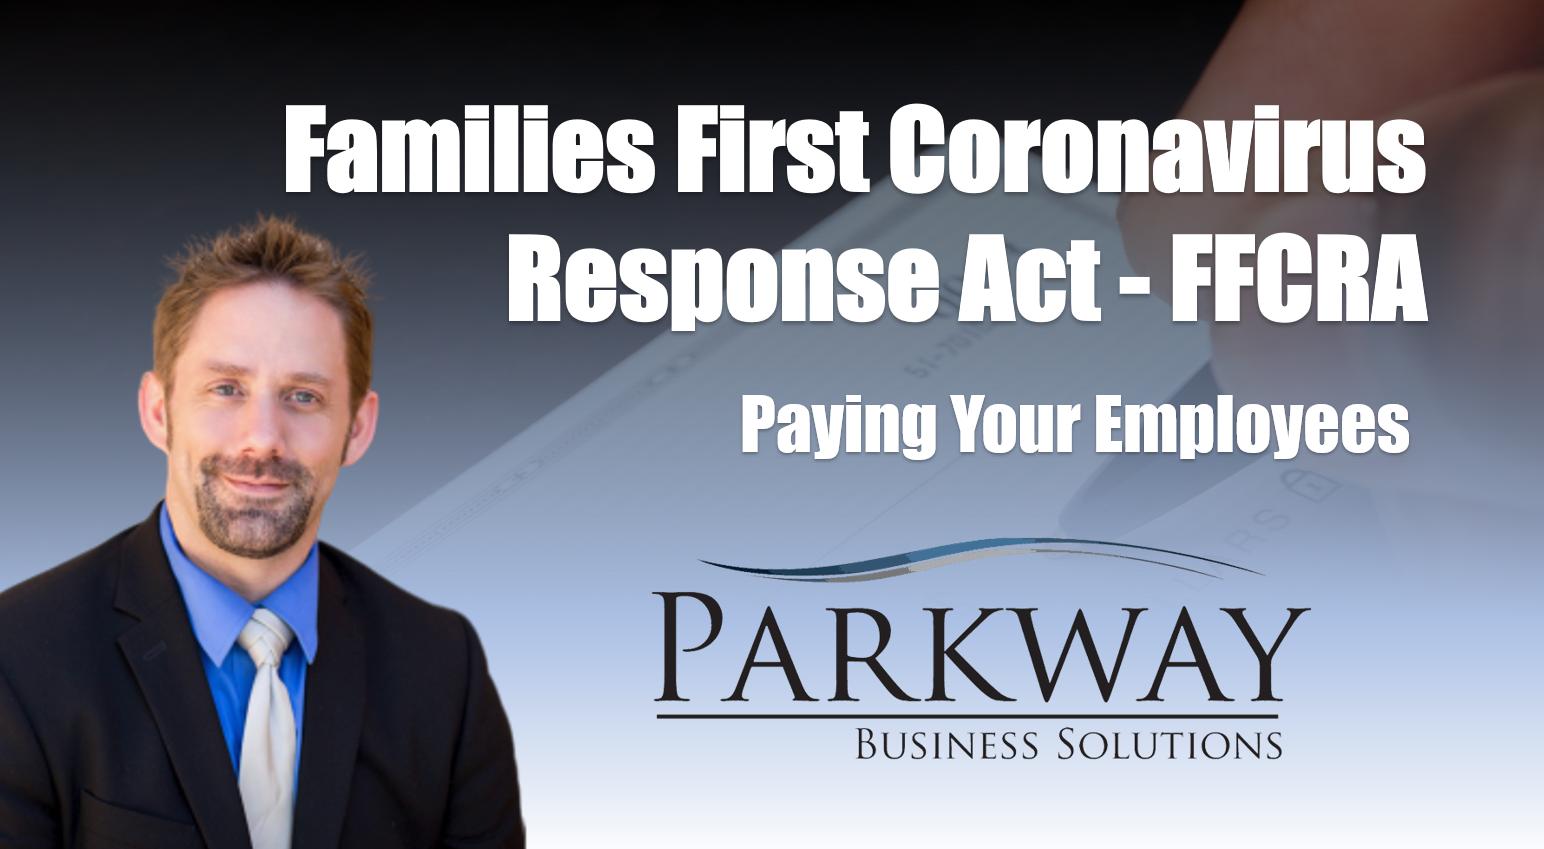 Families First Coronavirus Response Act